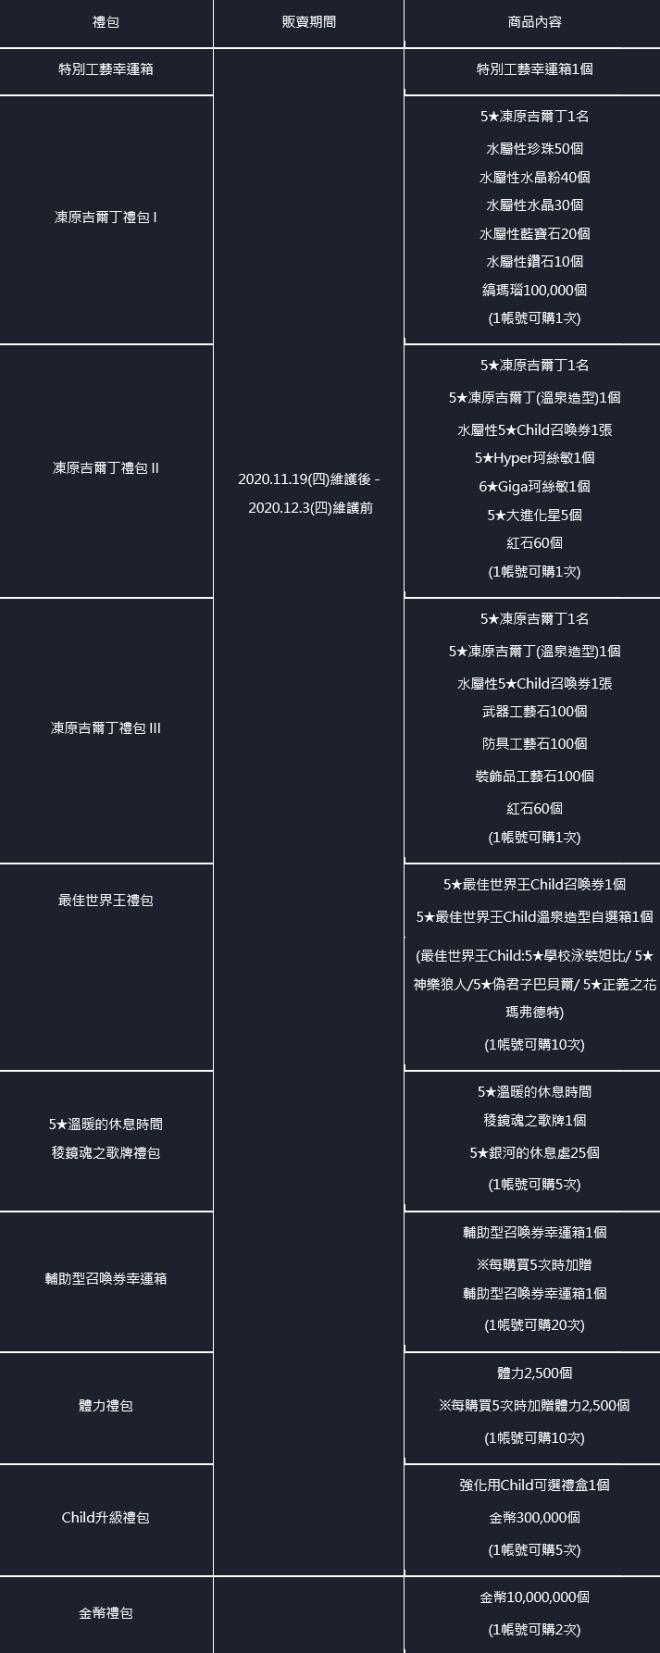 命運之子: 公告事項 - 📢20/11/19改版公告 image 44